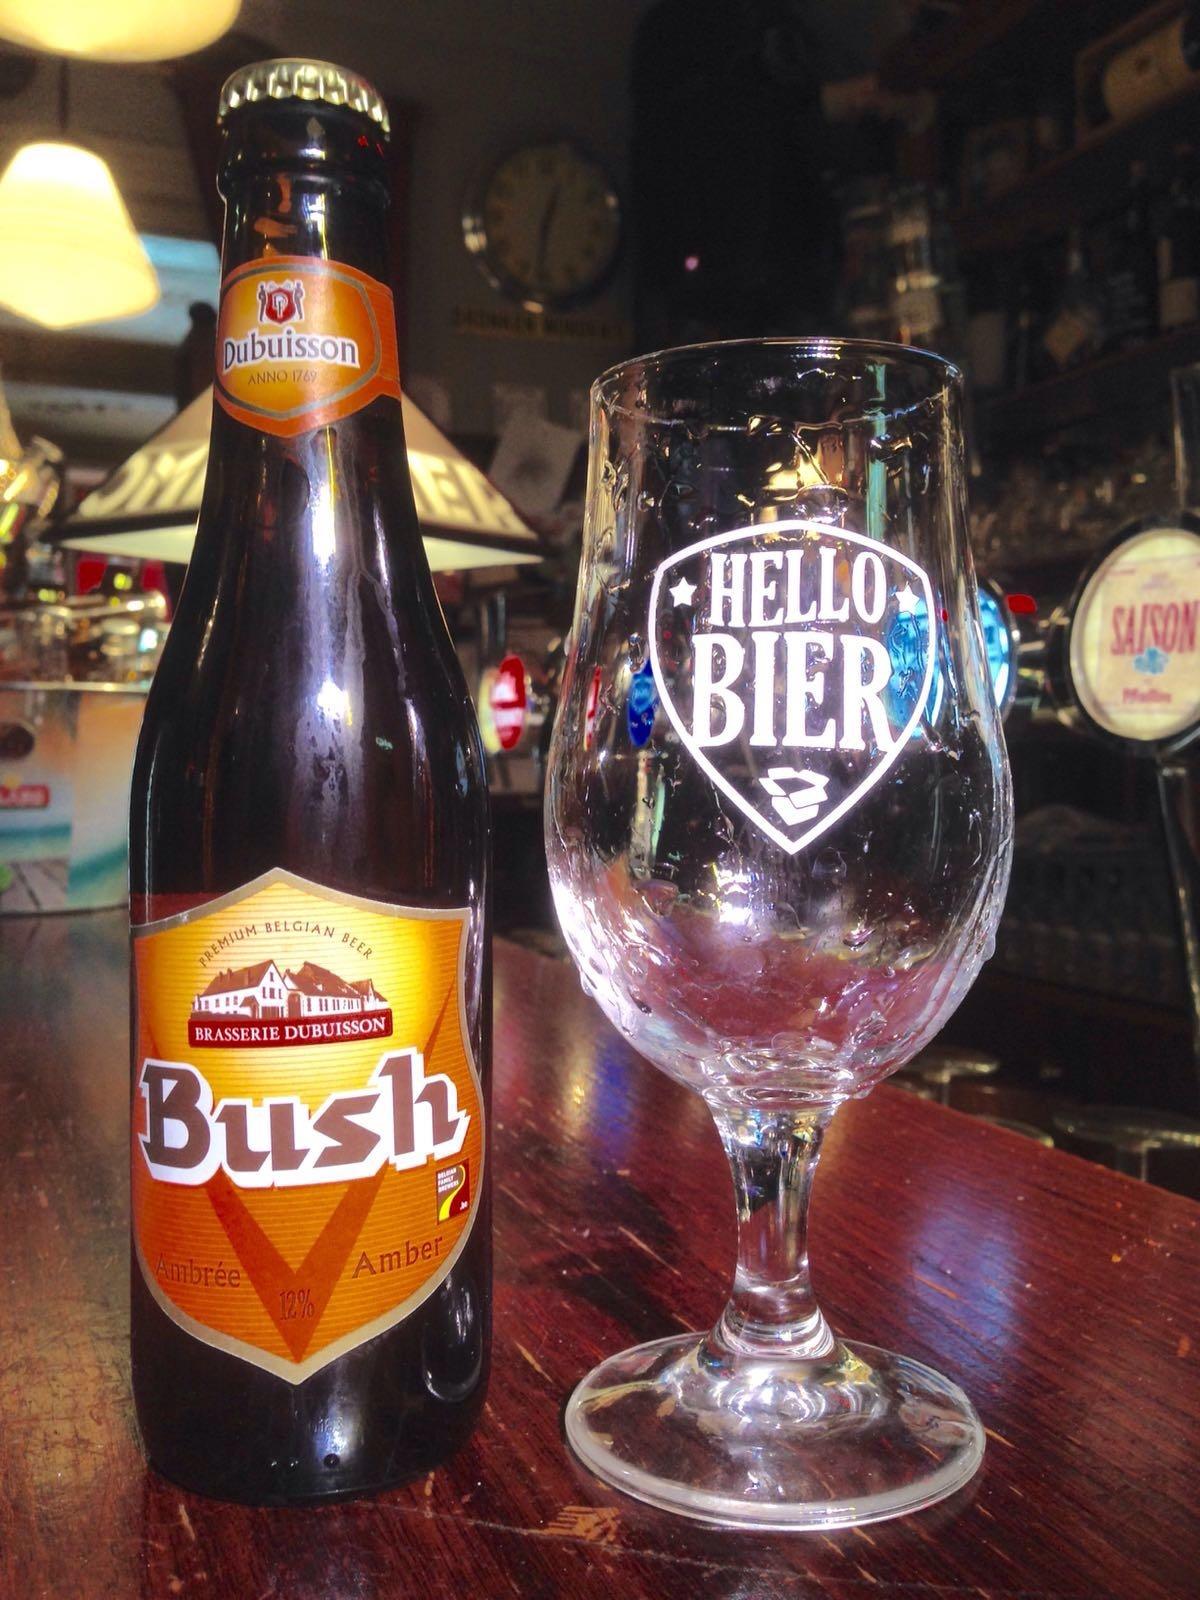 Bush Amber Herkomst: Pipaix, België Het sterkste bier van België van de oudste brouwerij van Wallonië. Maar niet qua smaak. Bij dit cognackleurig biertje zijn het de tonen van honing die zich meteen ontwikkelen in de neus. In de smaak herken je de zoete smaak van zoethout. Het smakenpallet wordt compleet gemaakt door geroosterde noten. Maar wees gerust als je een notenallergie hebt, ze zitten er niet in. Door de zoete kenmerken wordt het alcoholpercentage een beetje vergeten. Maar liefst 12%. Advies serveertemperatuur: 7 graden.